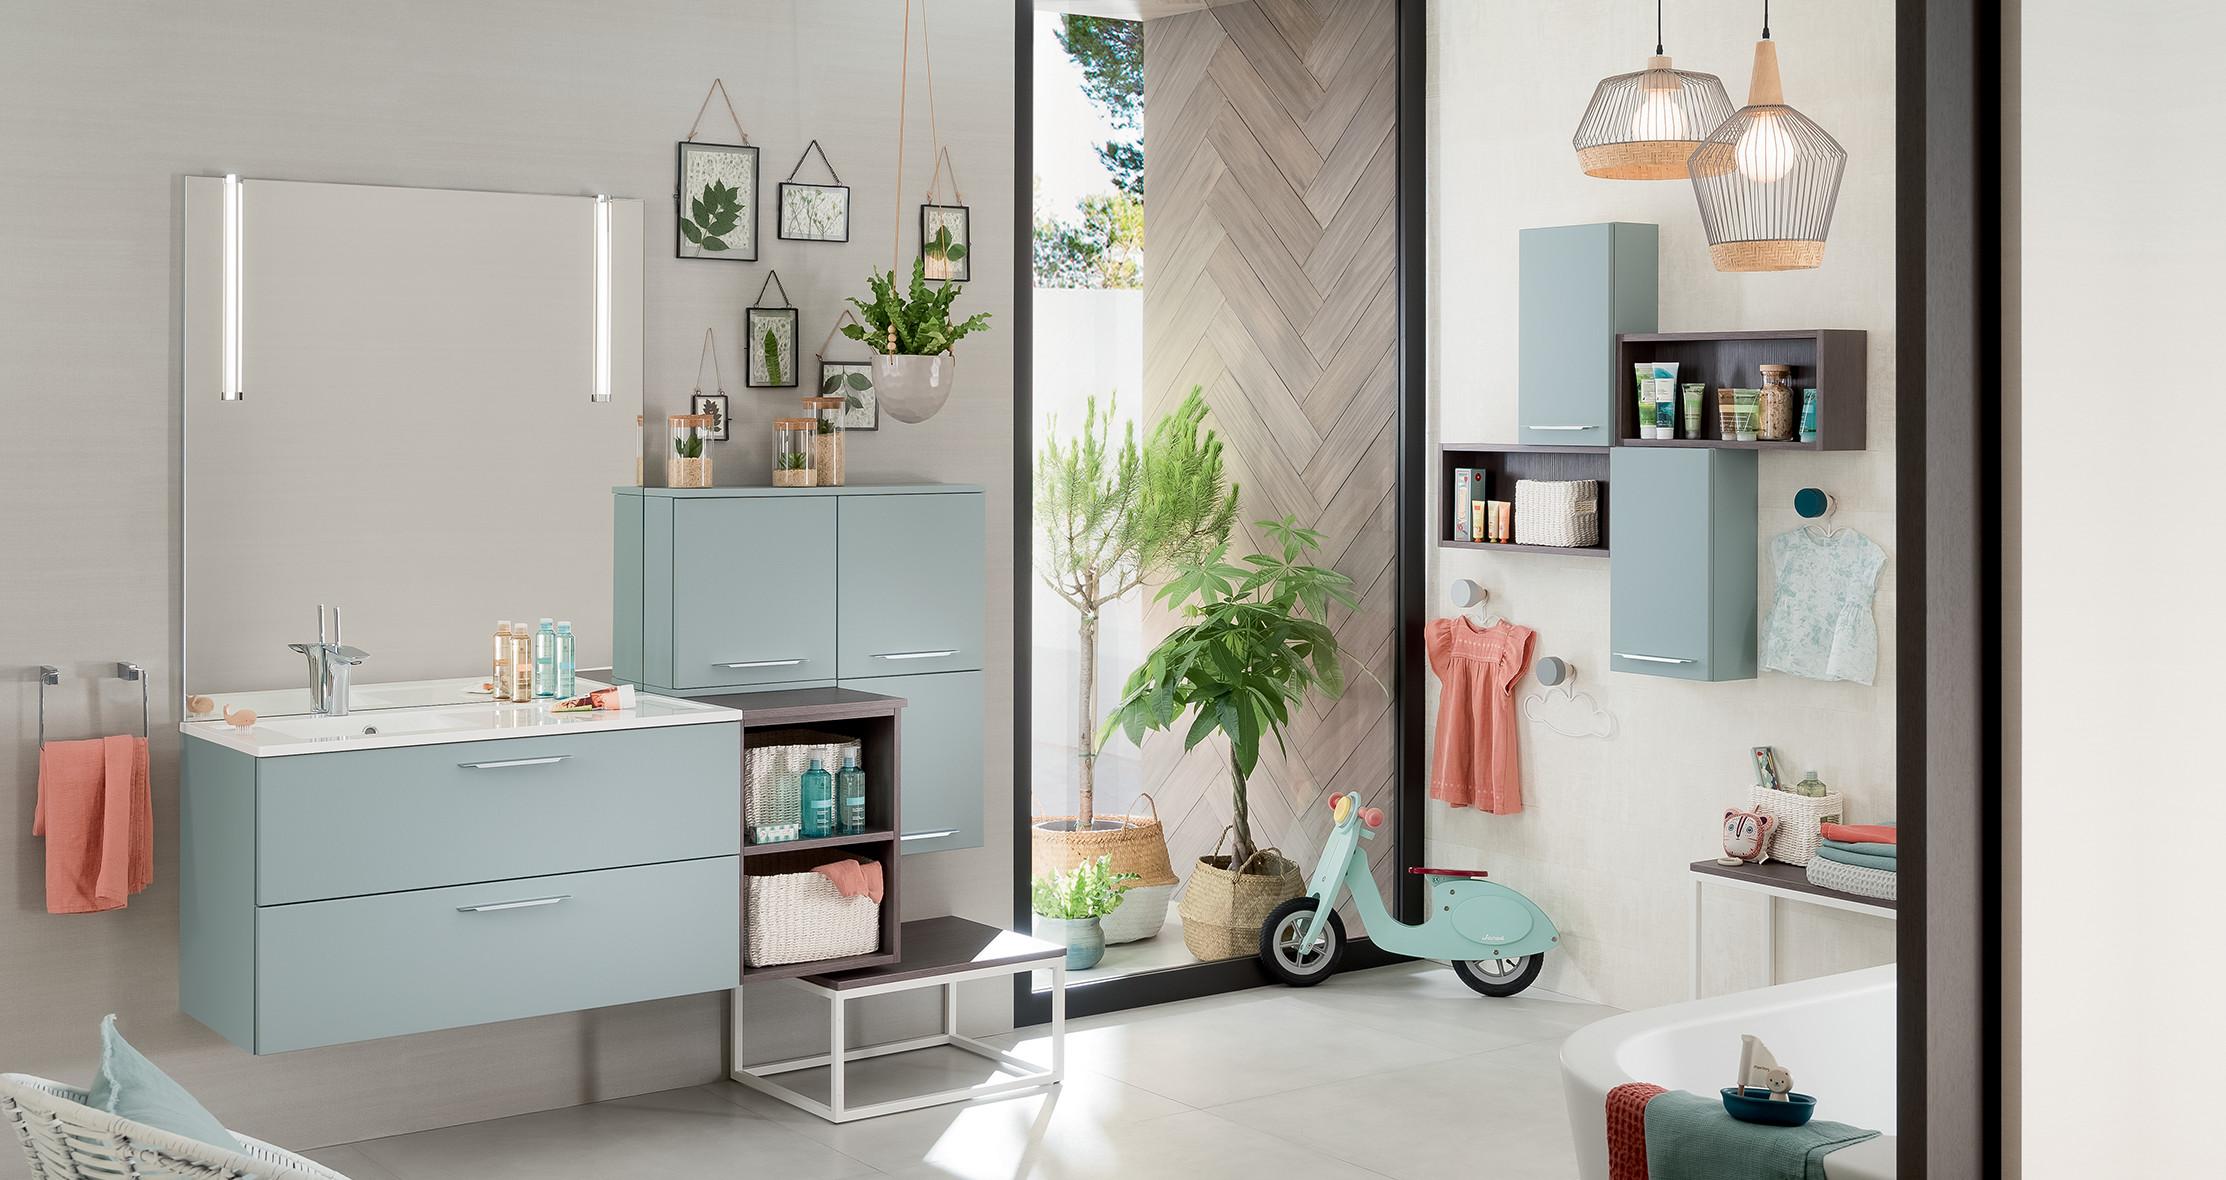 Salle De Bain Chocolat Turquoise mon projet salle de bains | espace aubade